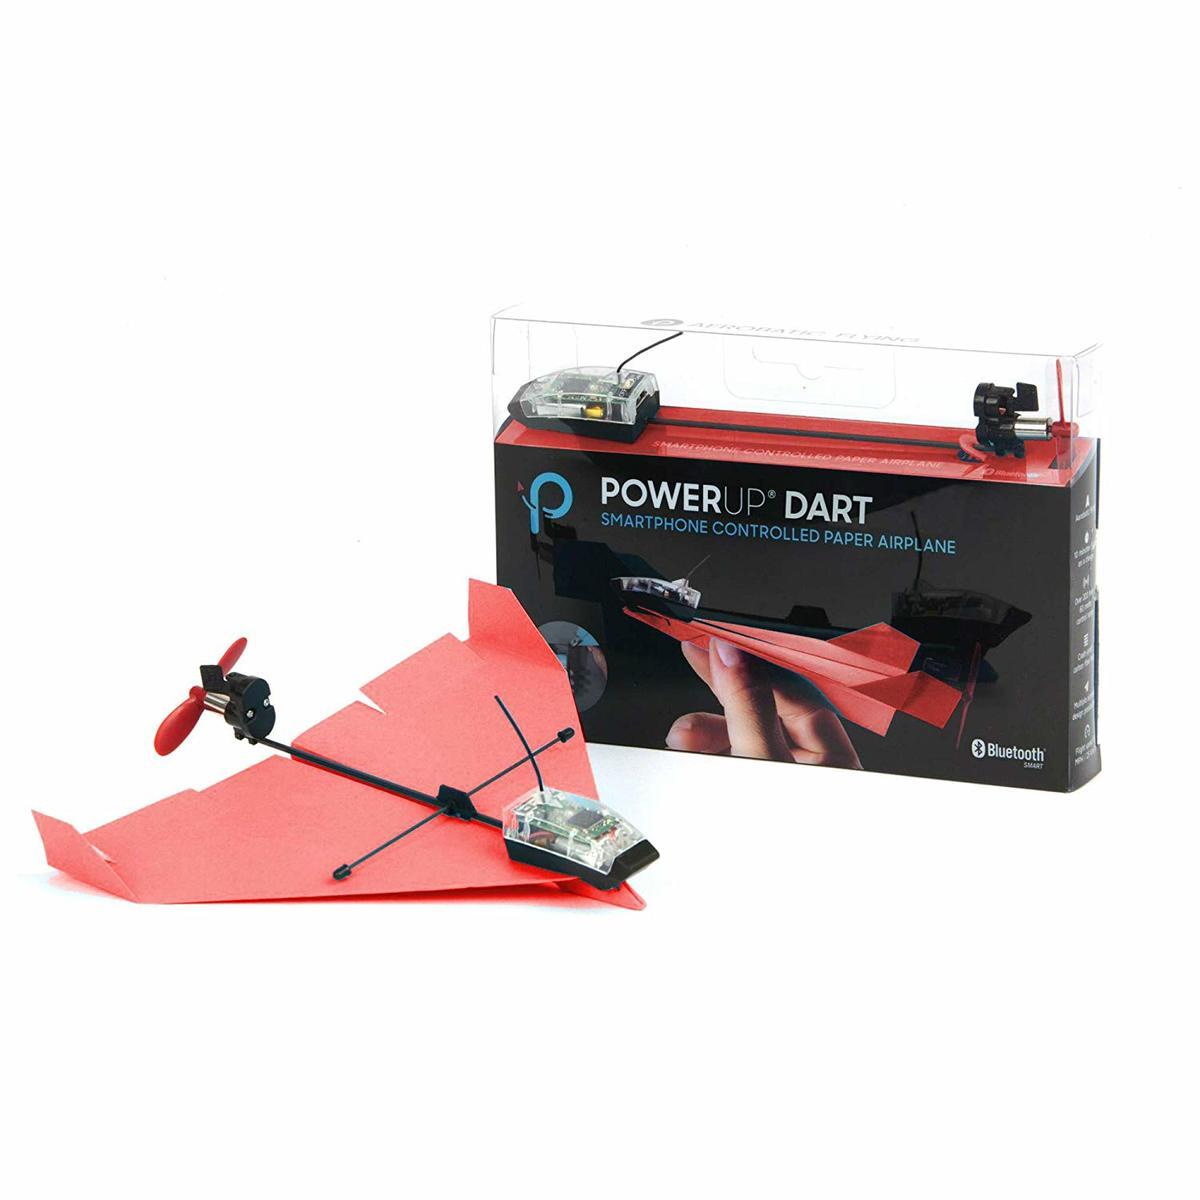 Dart 特技智能紙飛機手機控製玩具套件Android/iOS 紅色